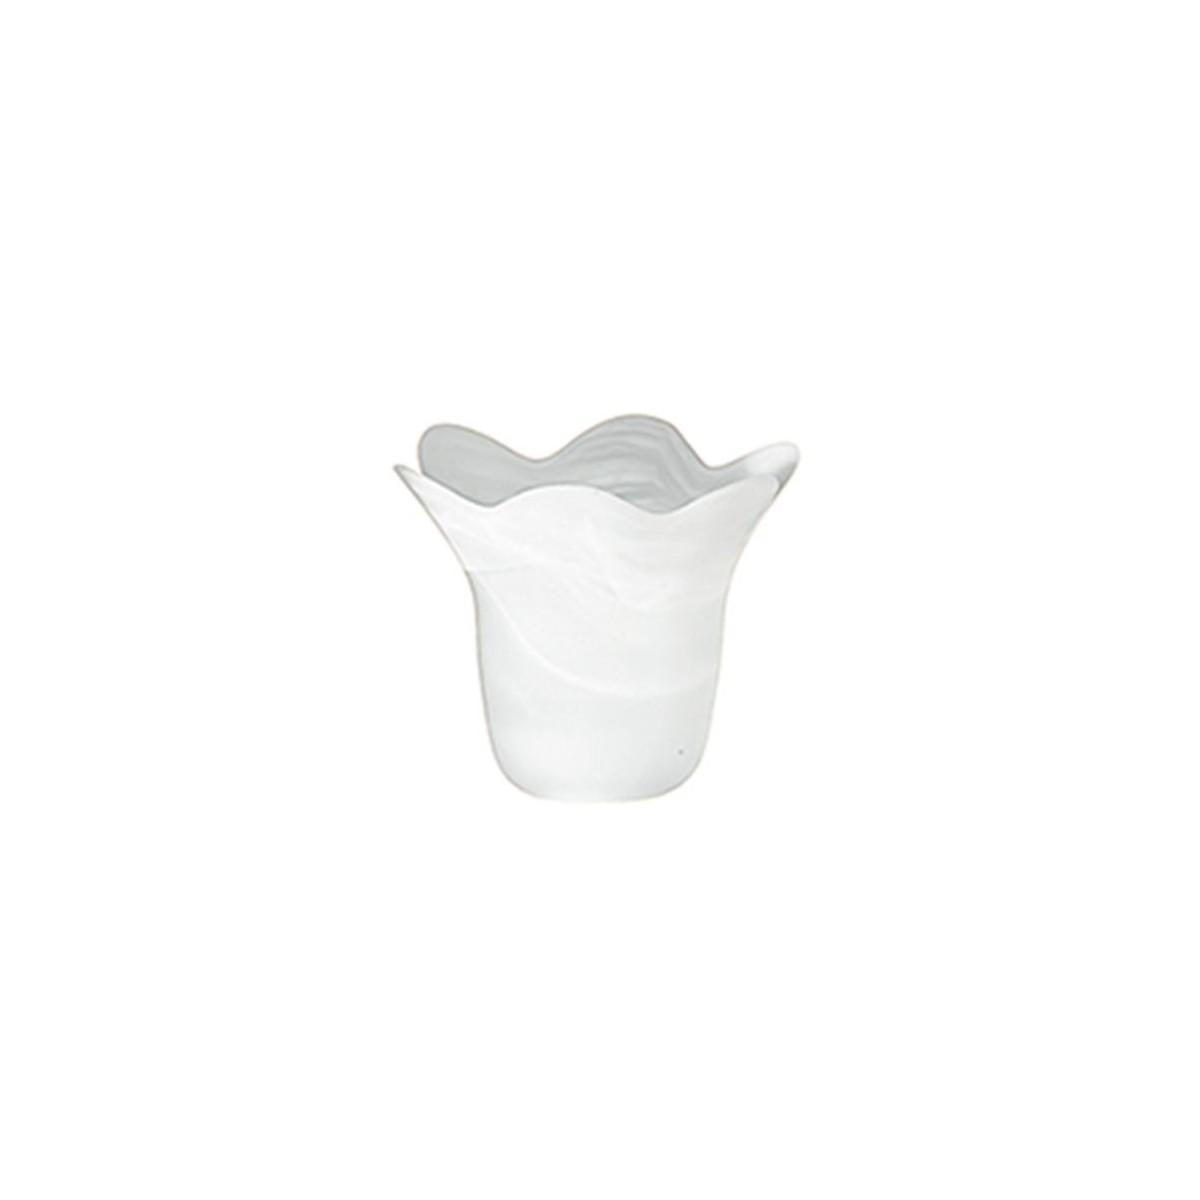 90081403202000 - Paralume Bordo Ondulato Vetro Alabastro Bianco F30